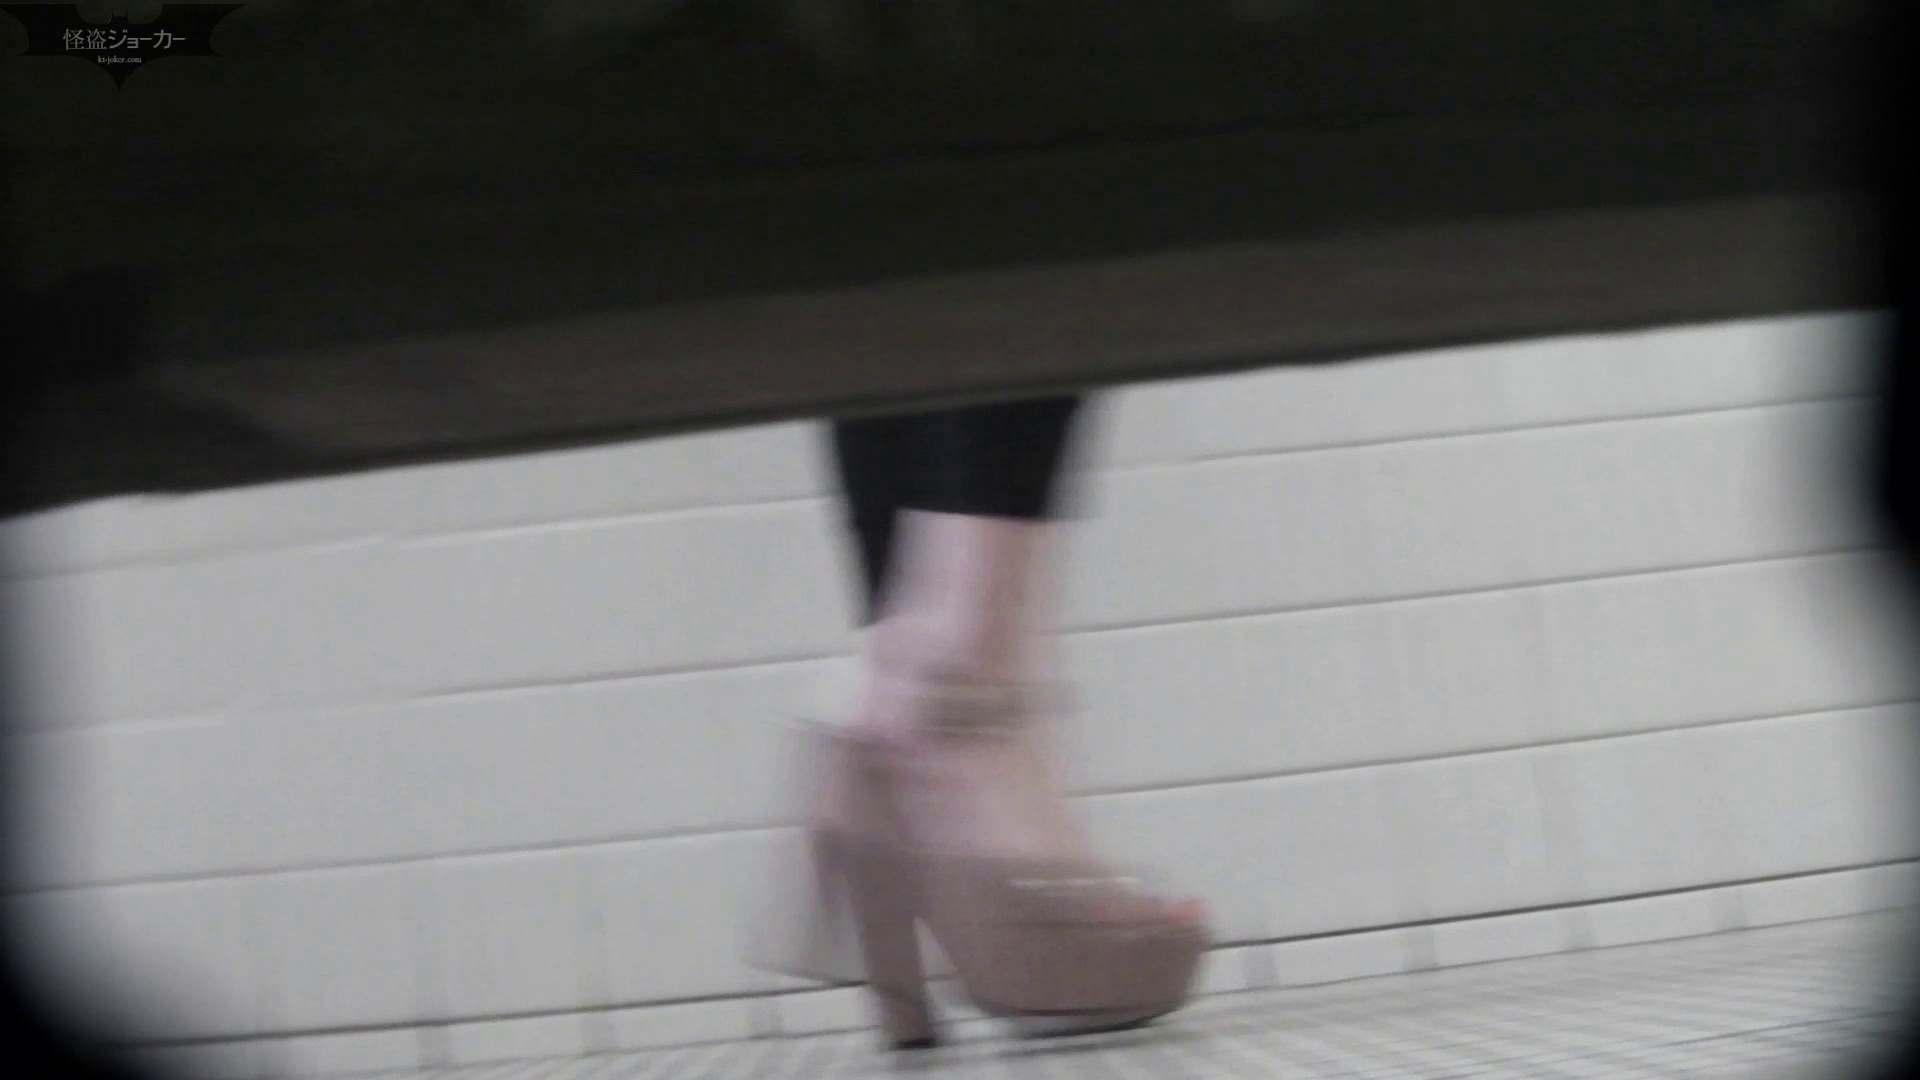 【美しき個室な世界】洗面所特攻隊 vol.046 更に進化【2015・07位】 ギャル達 オマンコ動画キャプチャ 96枚 80